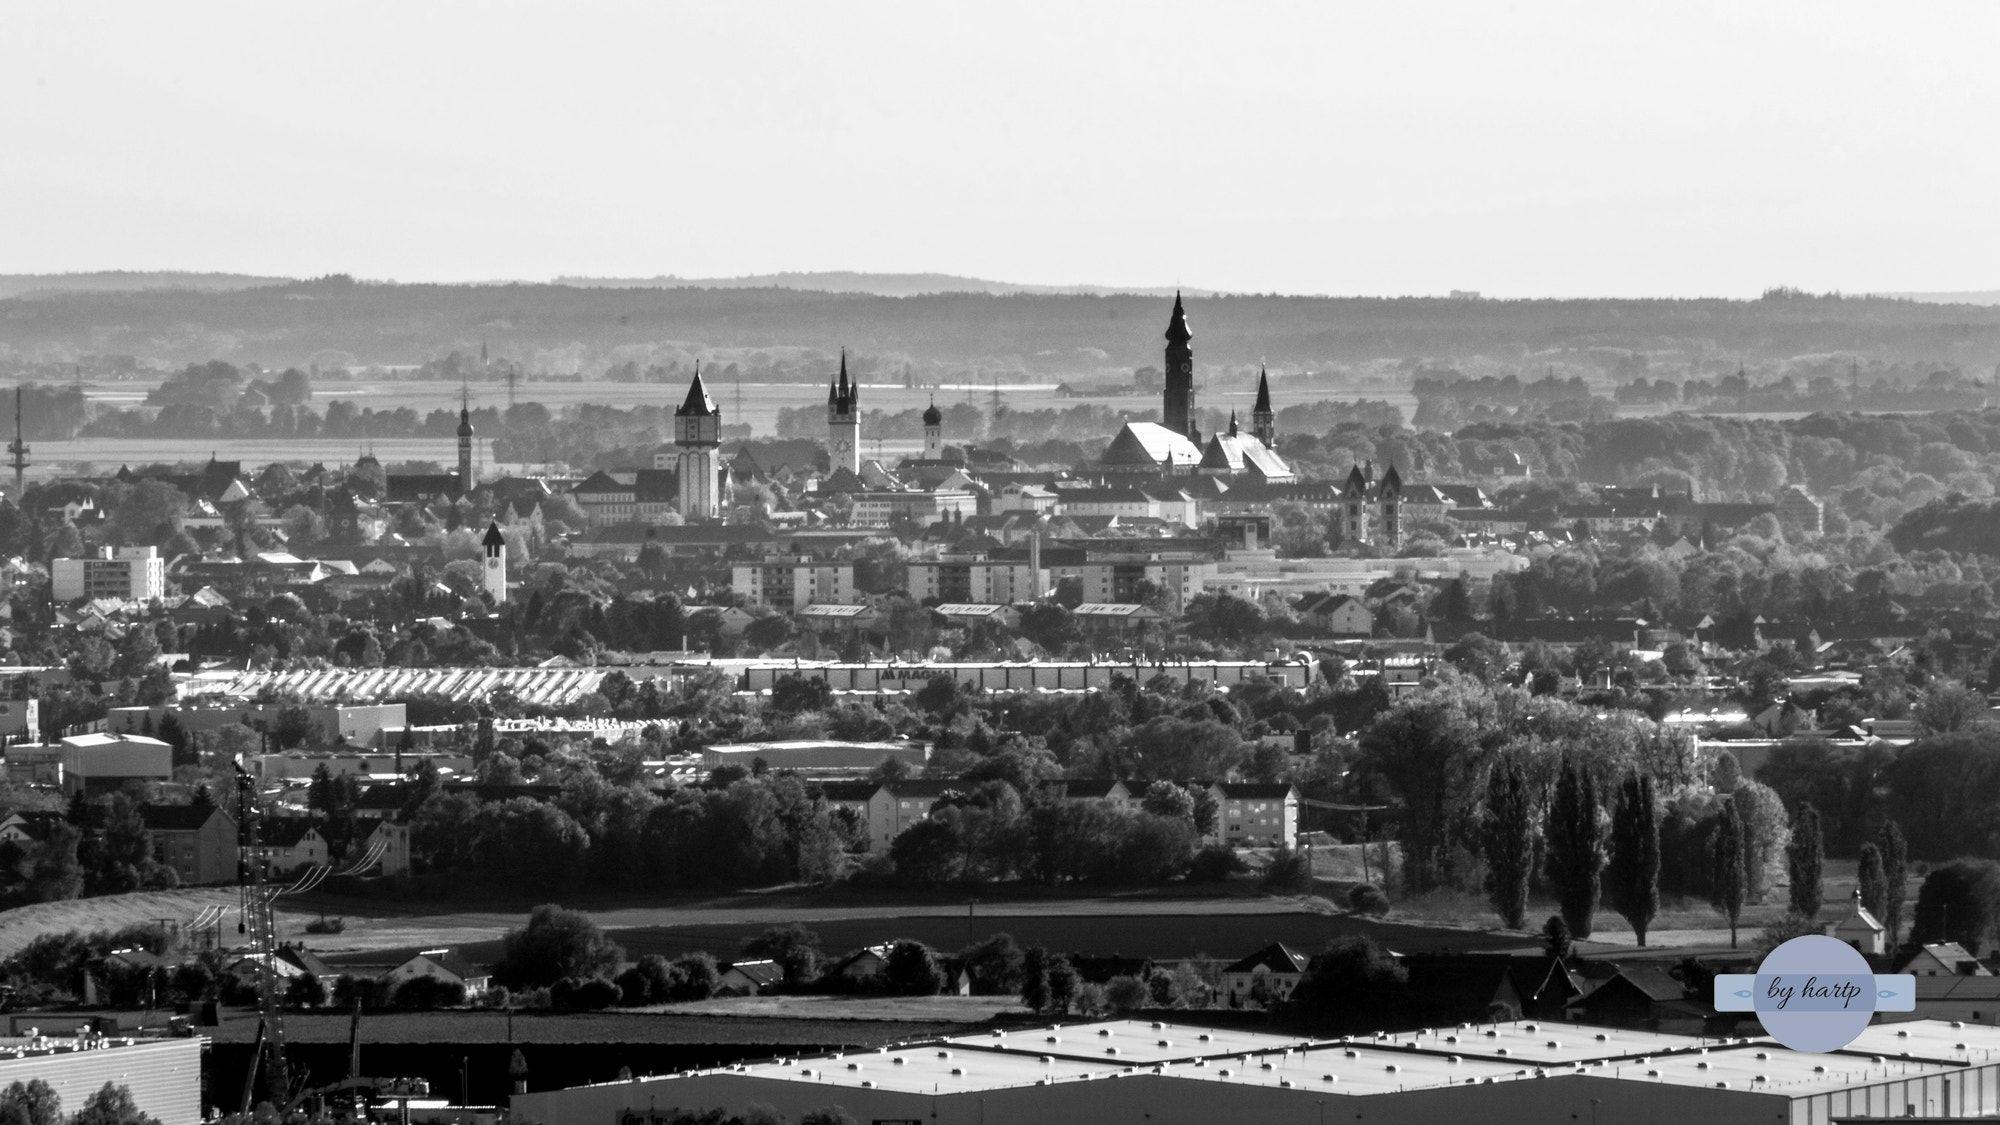 Graustufen Die Skyline Von Straubing In Schwarzweiss The Skyline Of Straubing In Black And White Graustufen Skyline Schwarz Weiss